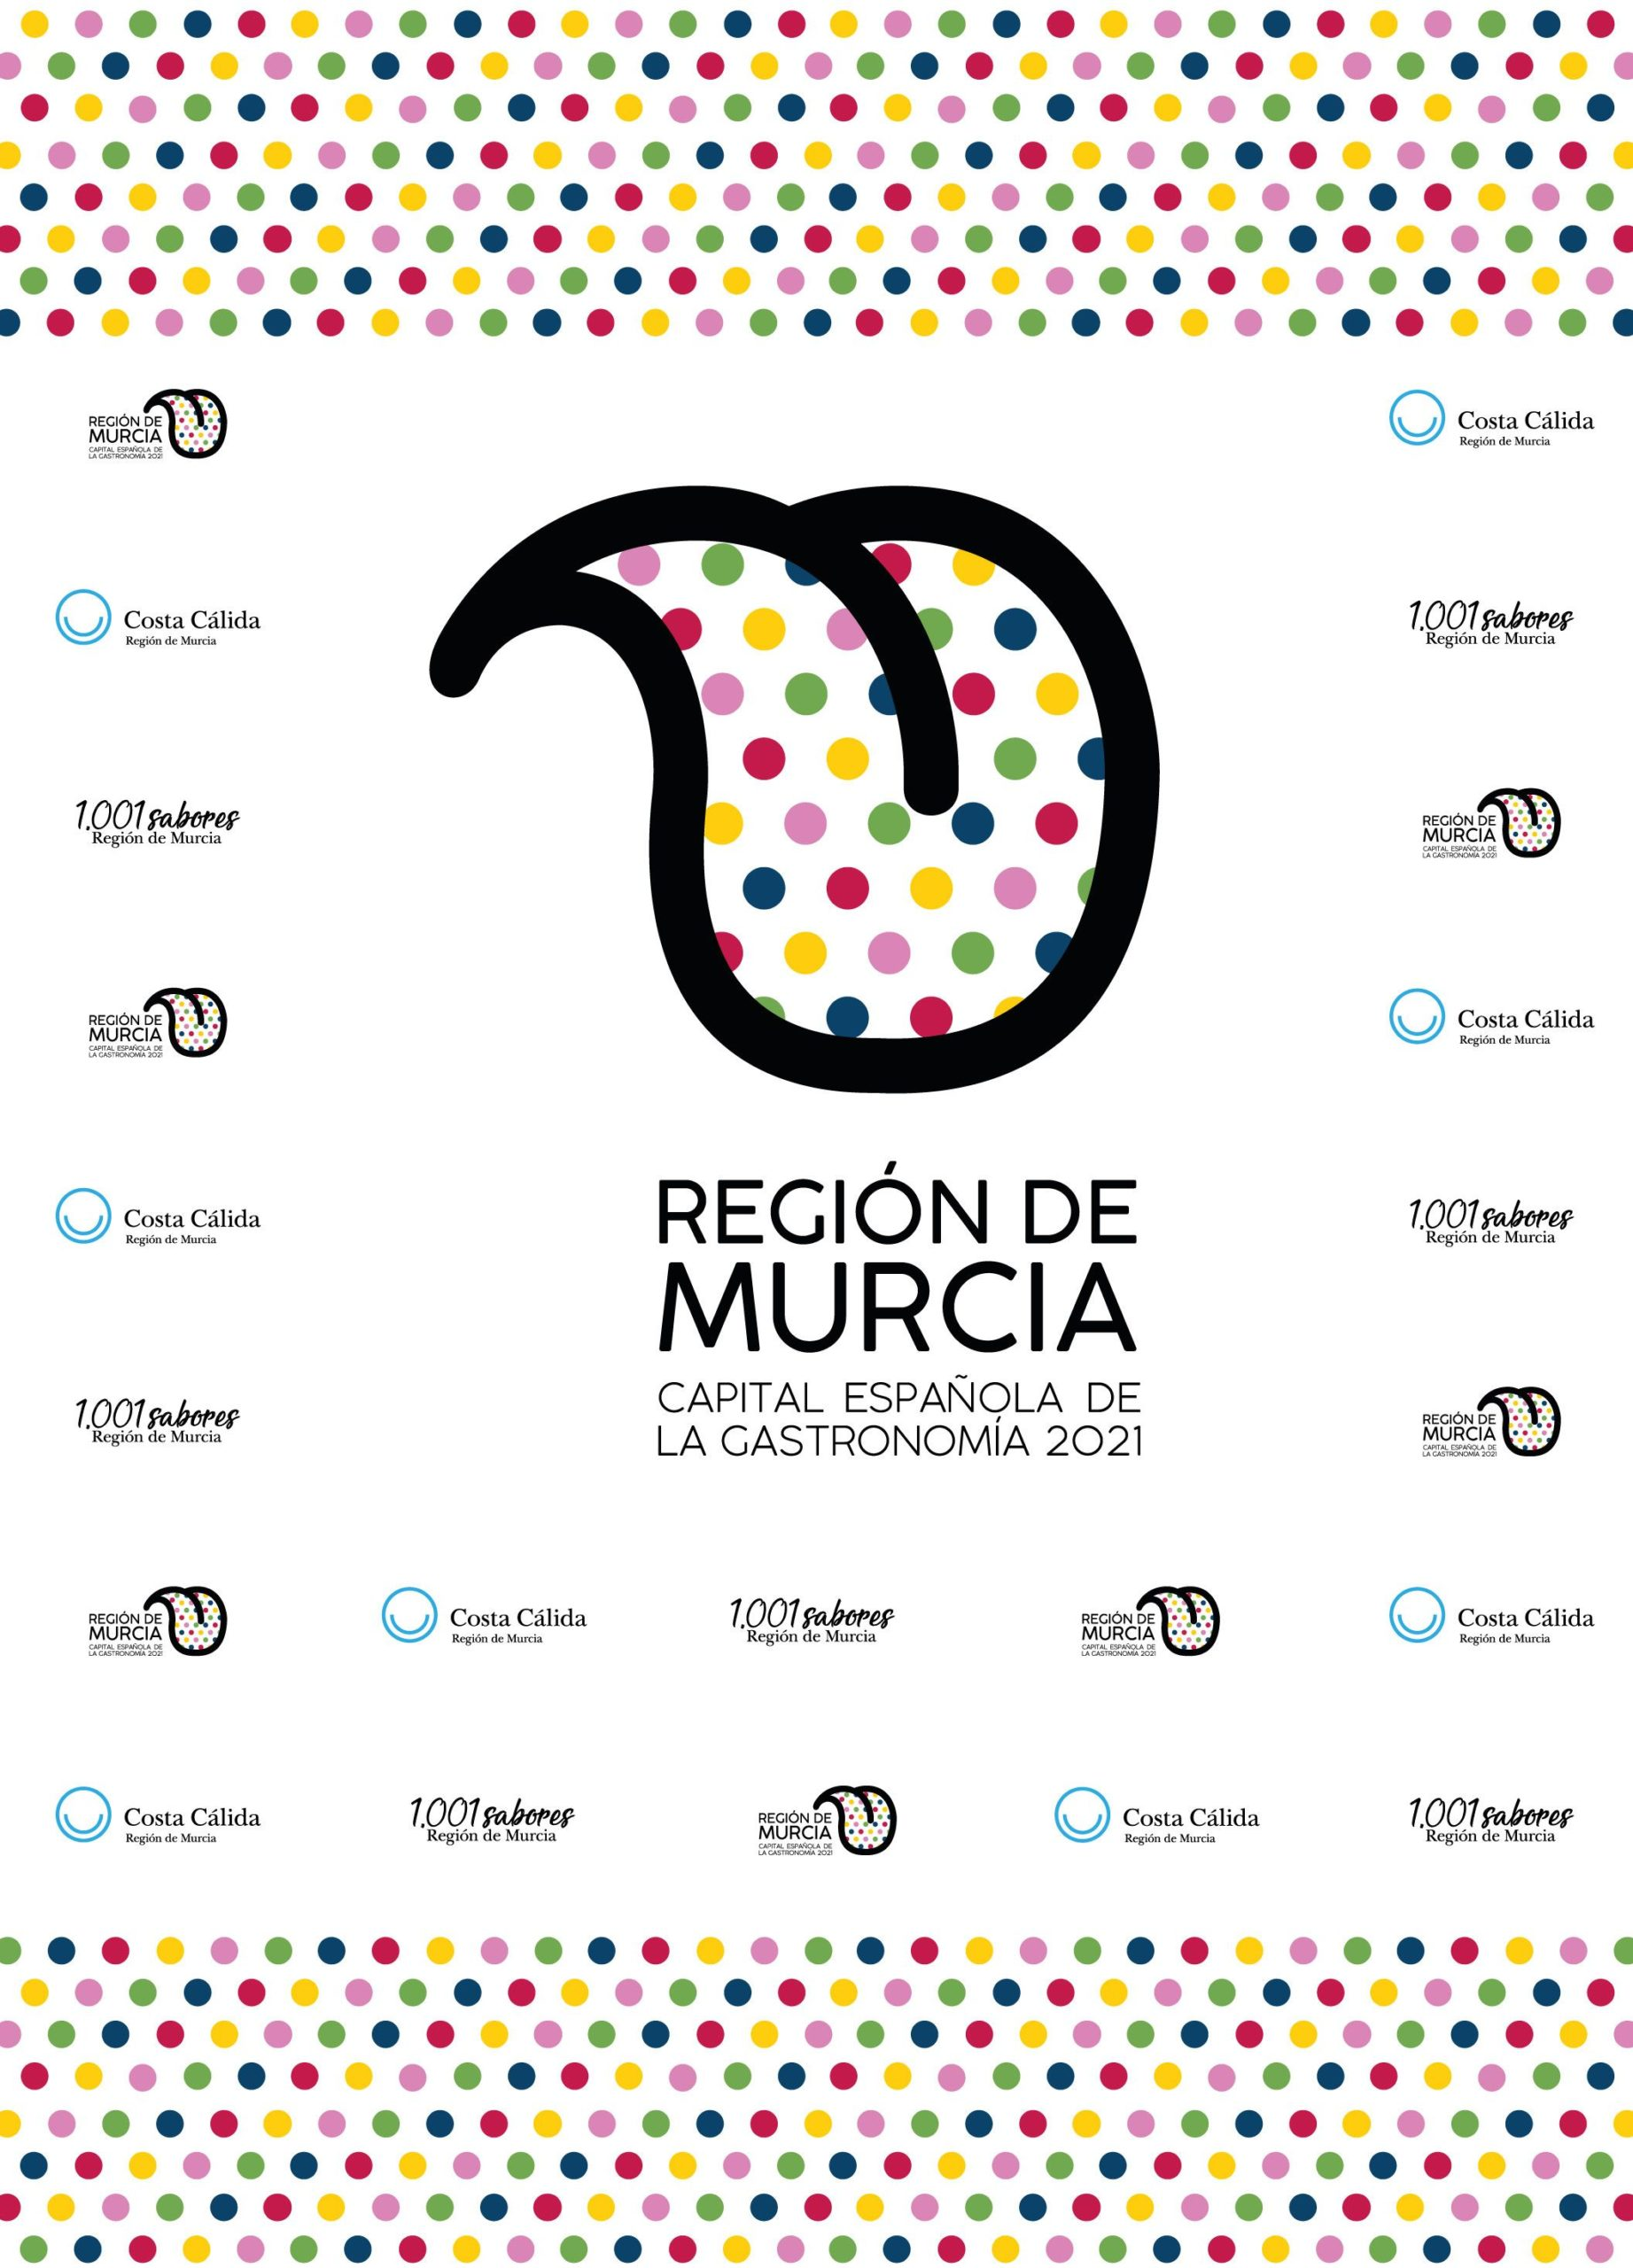 La Región de Murcia, capital española de la gastronomía 2021, viaja a Bilbao, Santander y Gijón